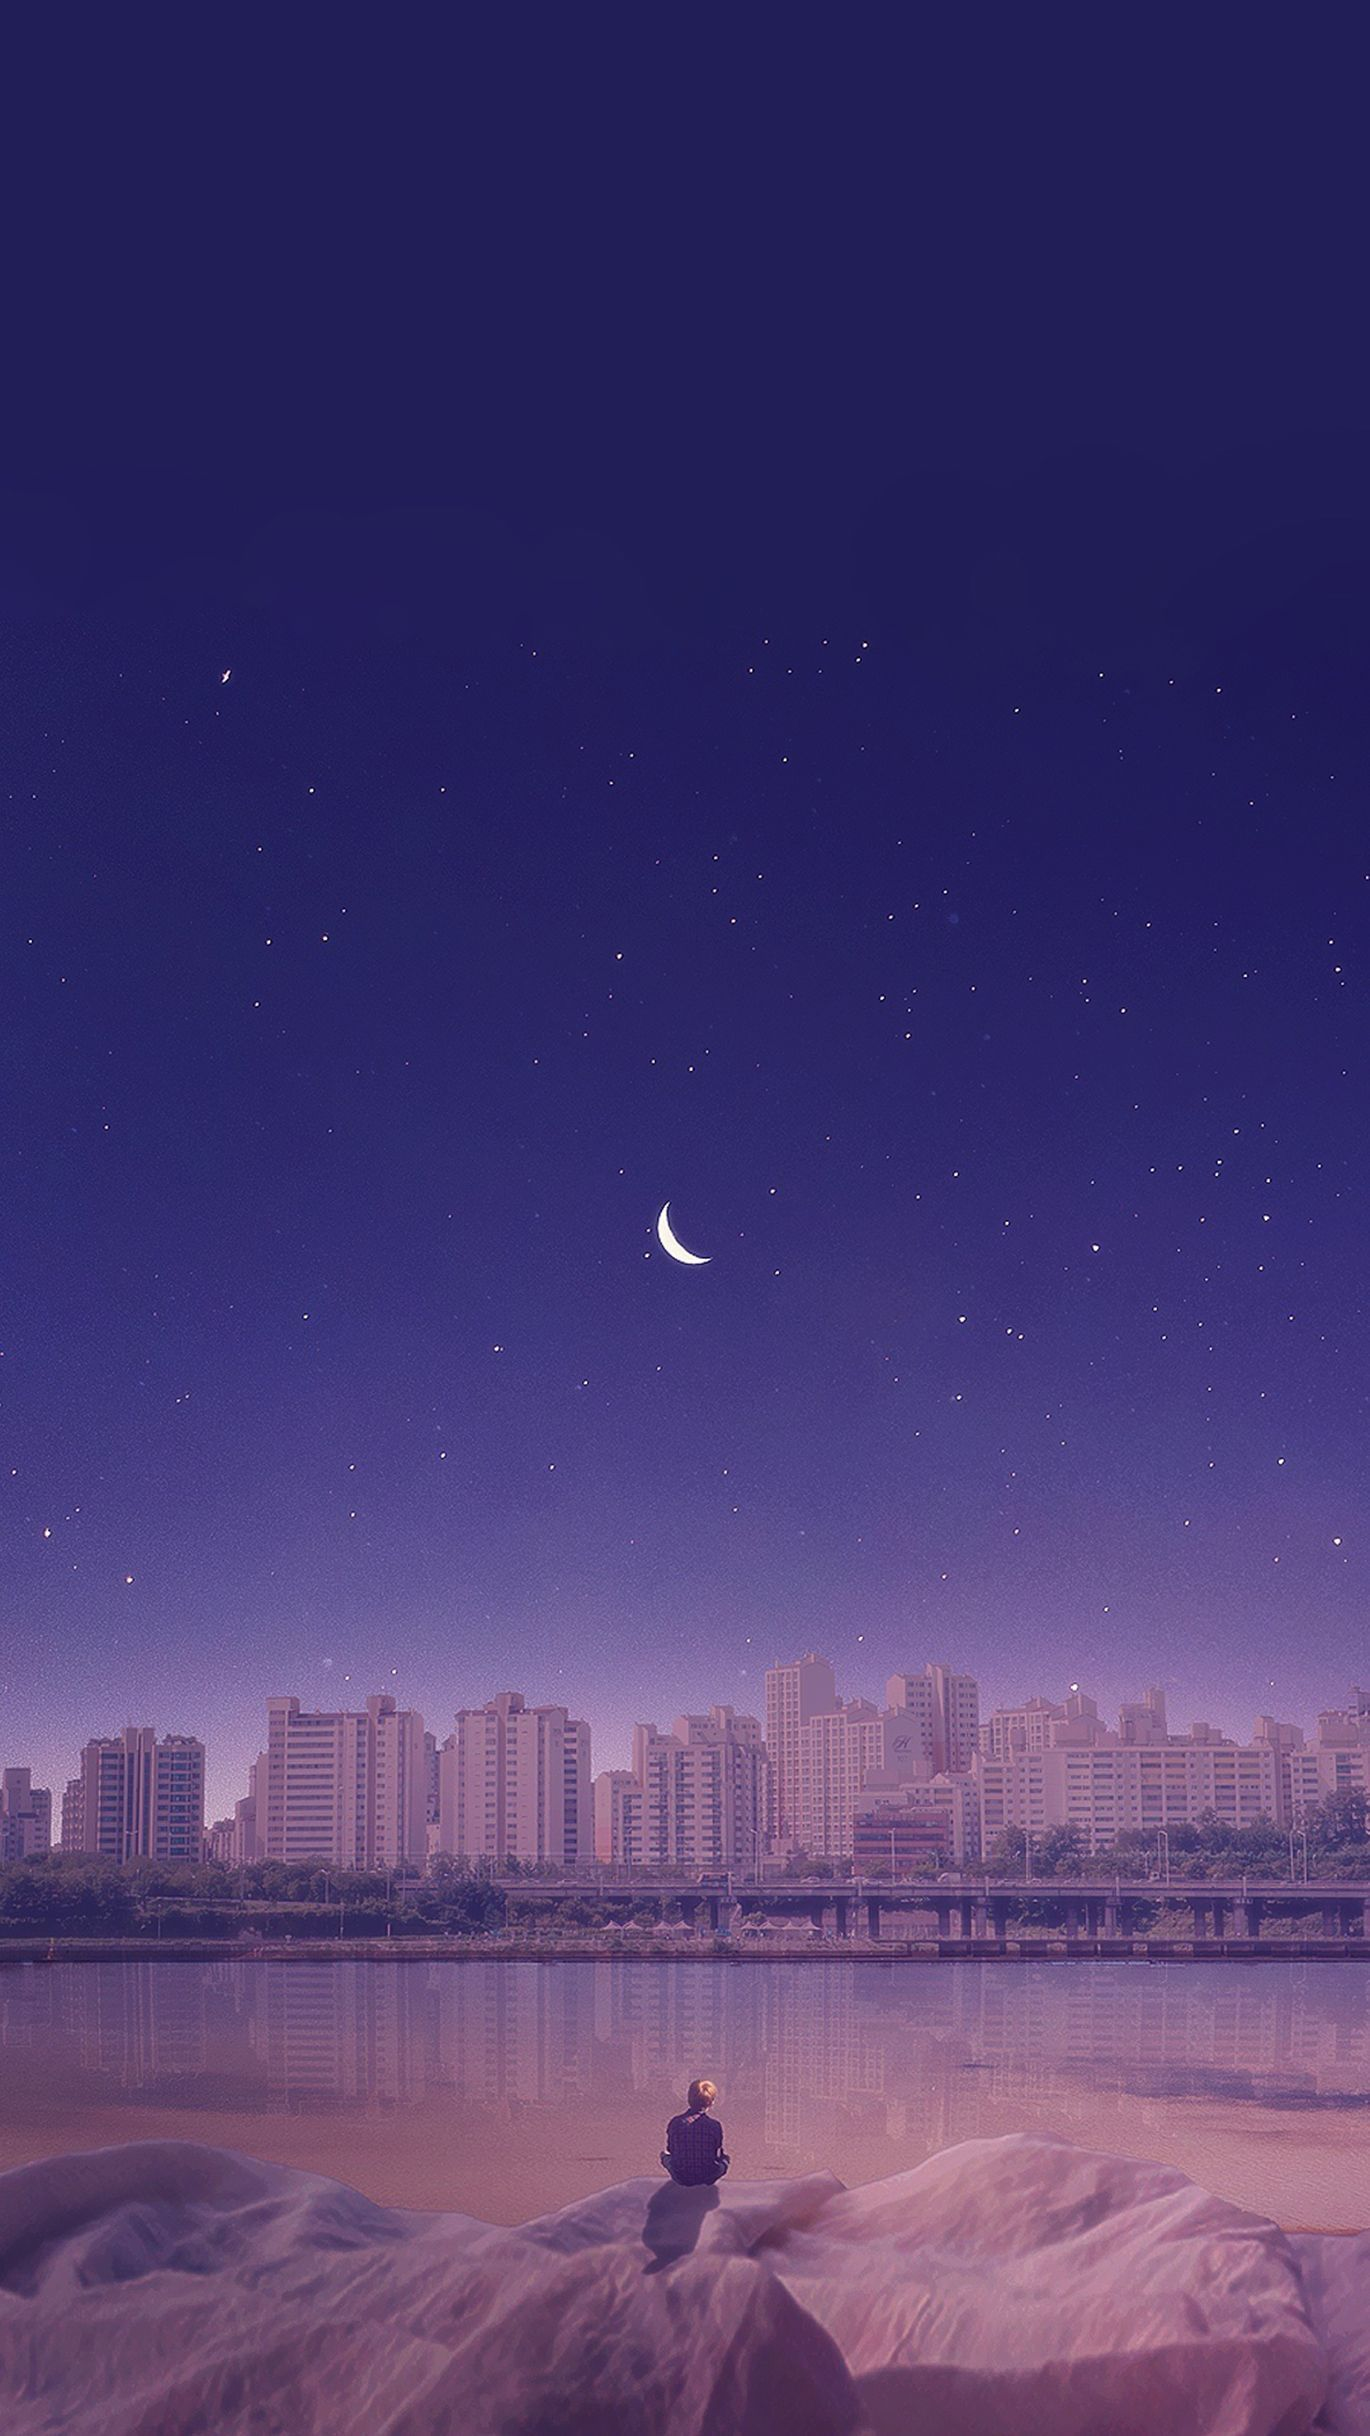 Purple Gentle Moon Wallpaper Scenery Wallpaper Anime Scenery Landscape Wallpaper